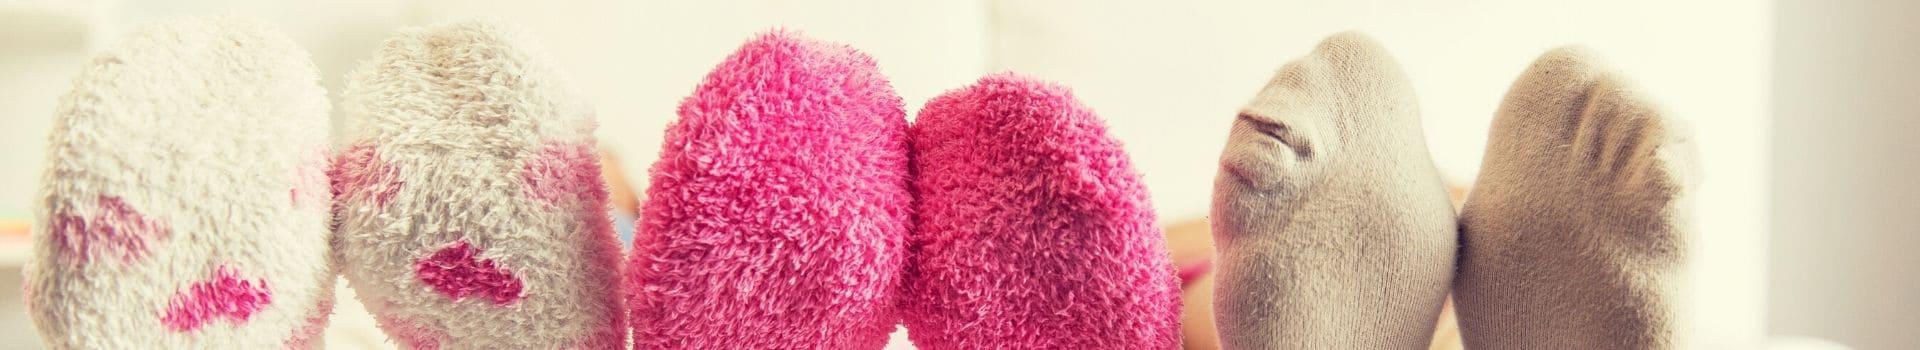 produzione calze per bambini